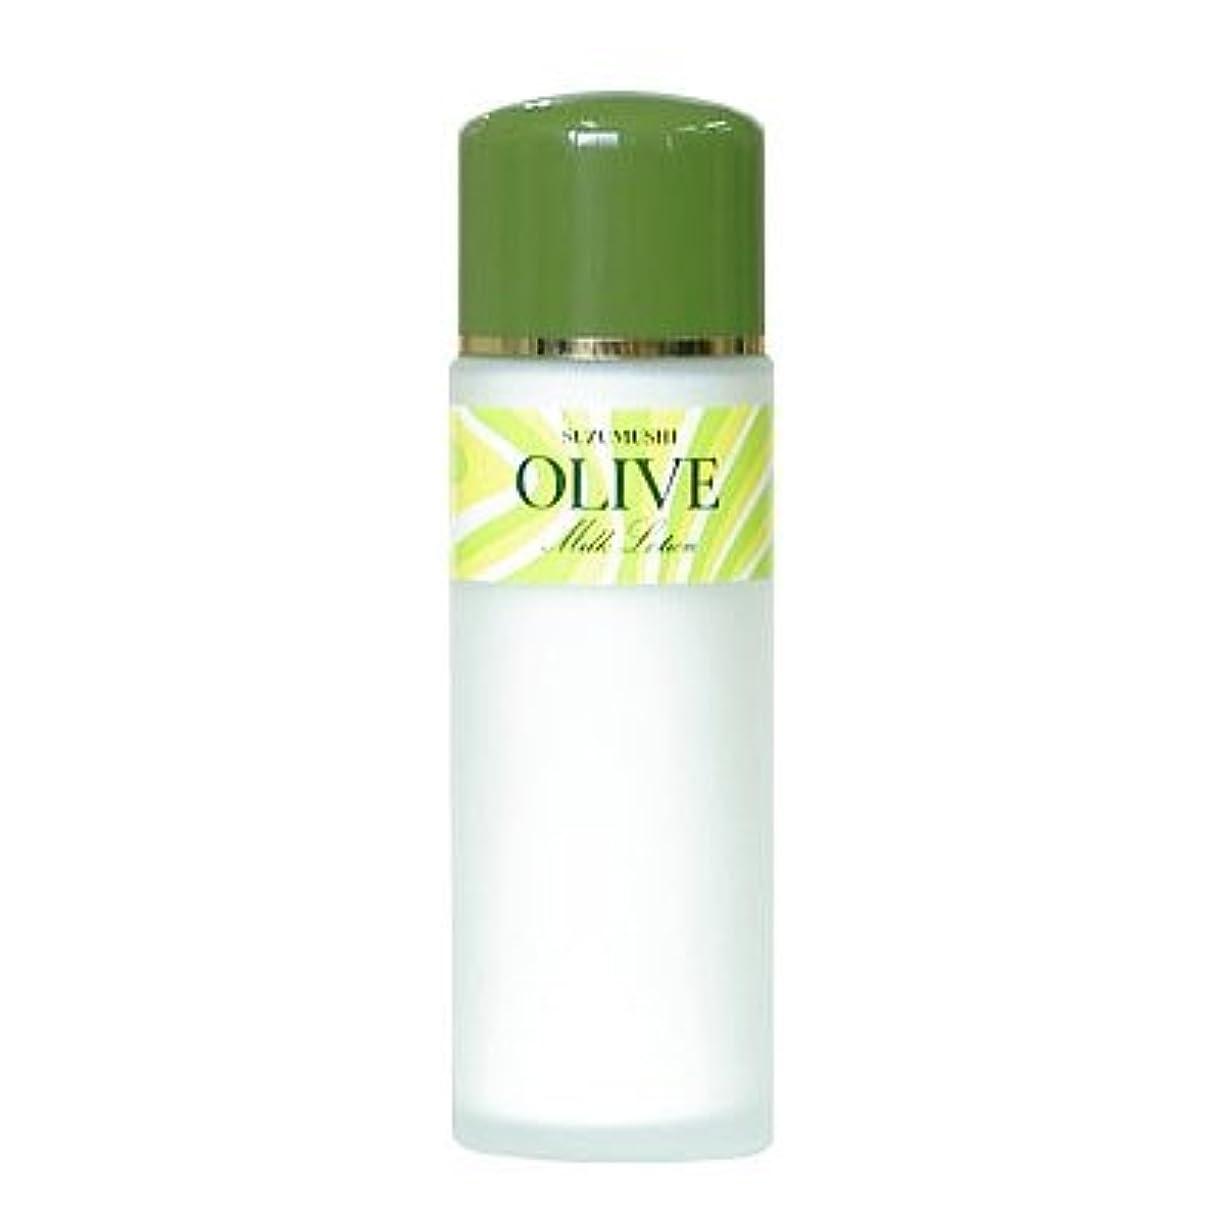 実行可能忍耐文言鈴虫化粧品 オリーブミルクローション120ml